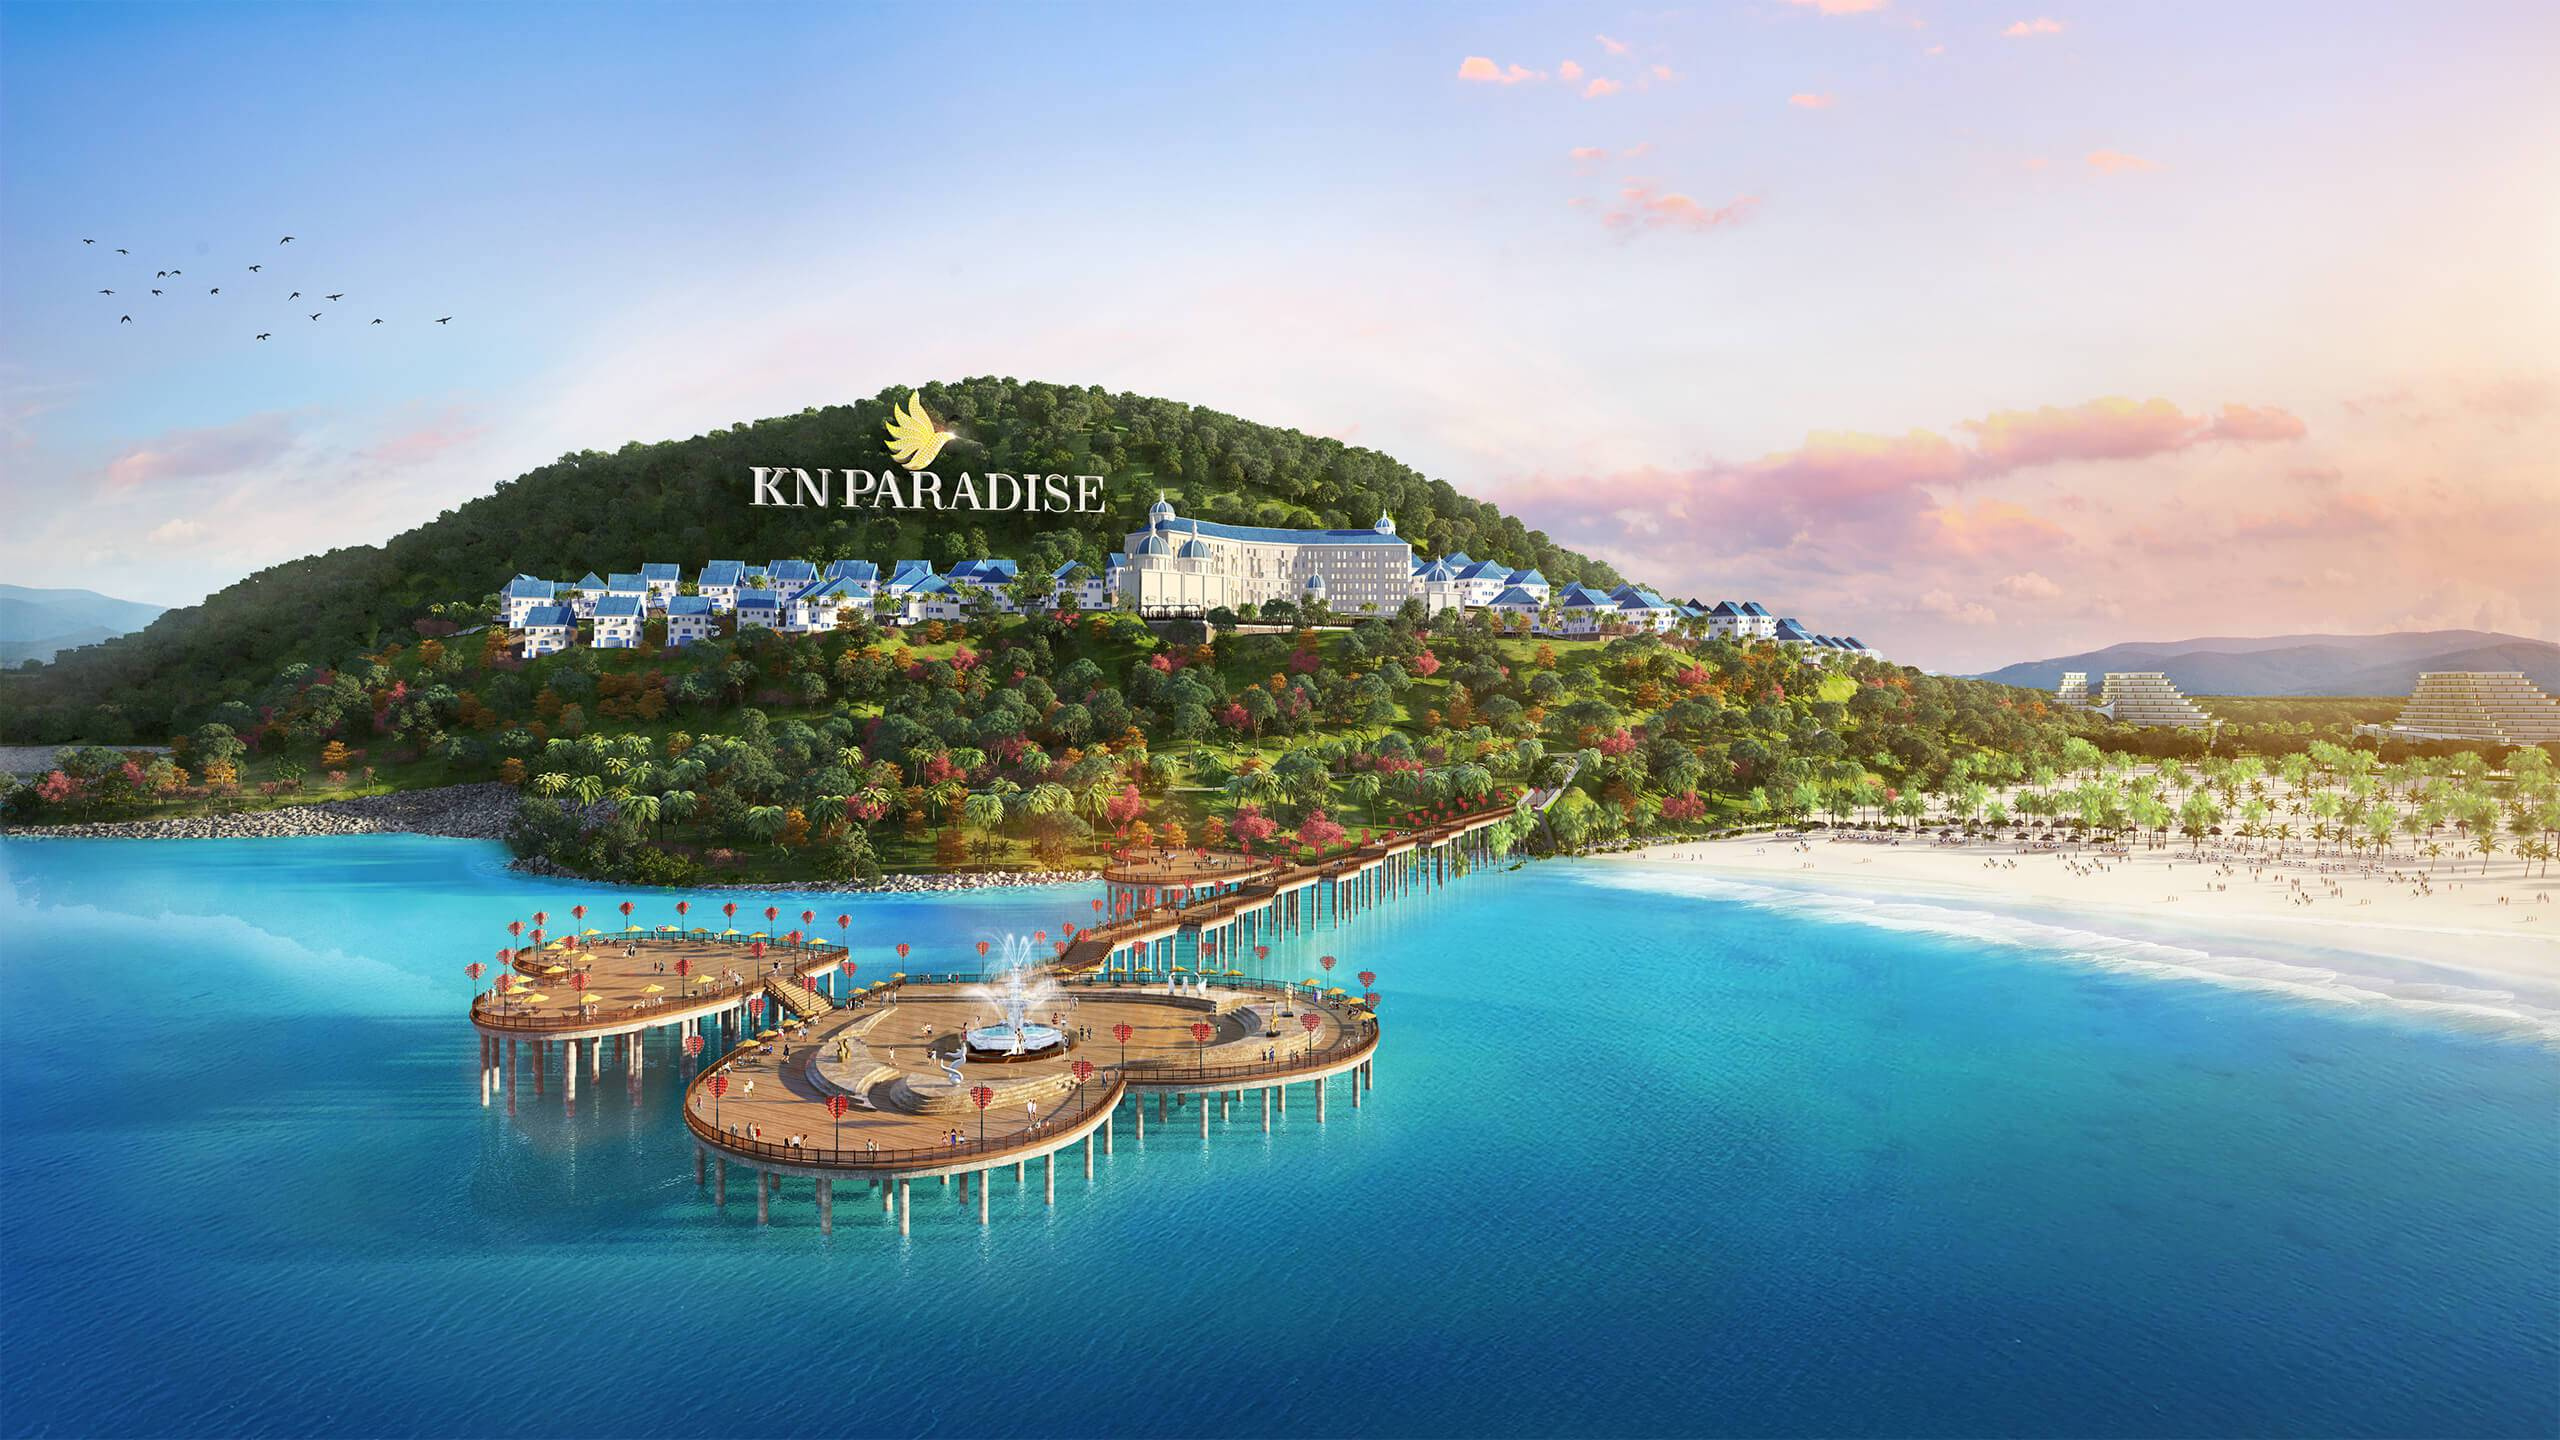 phoi canh du an kn paradise